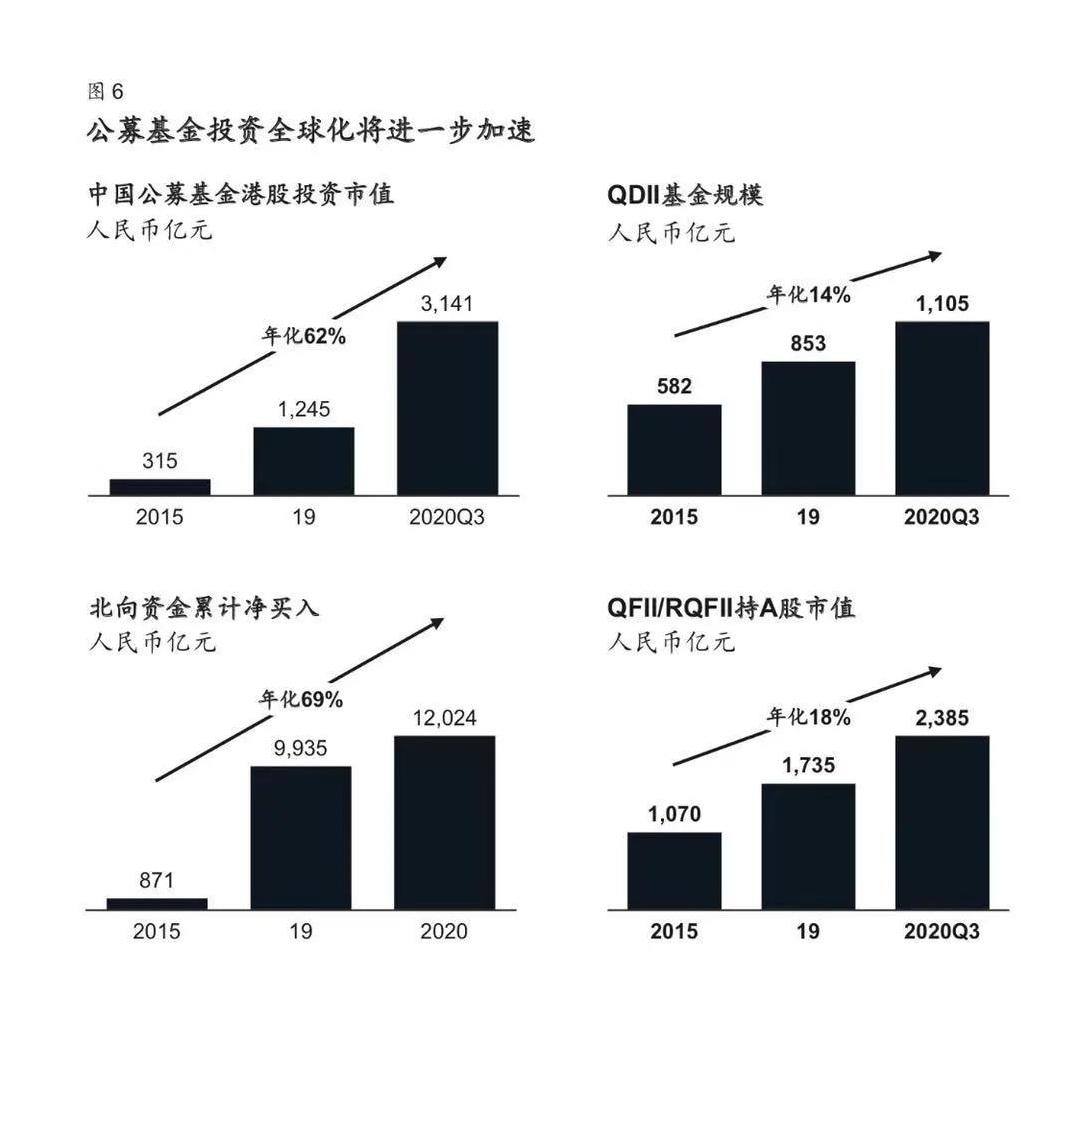 《【天辰公司】公募将成资管行业领头羊?零售业务5年内将创造16万亿增量资金》